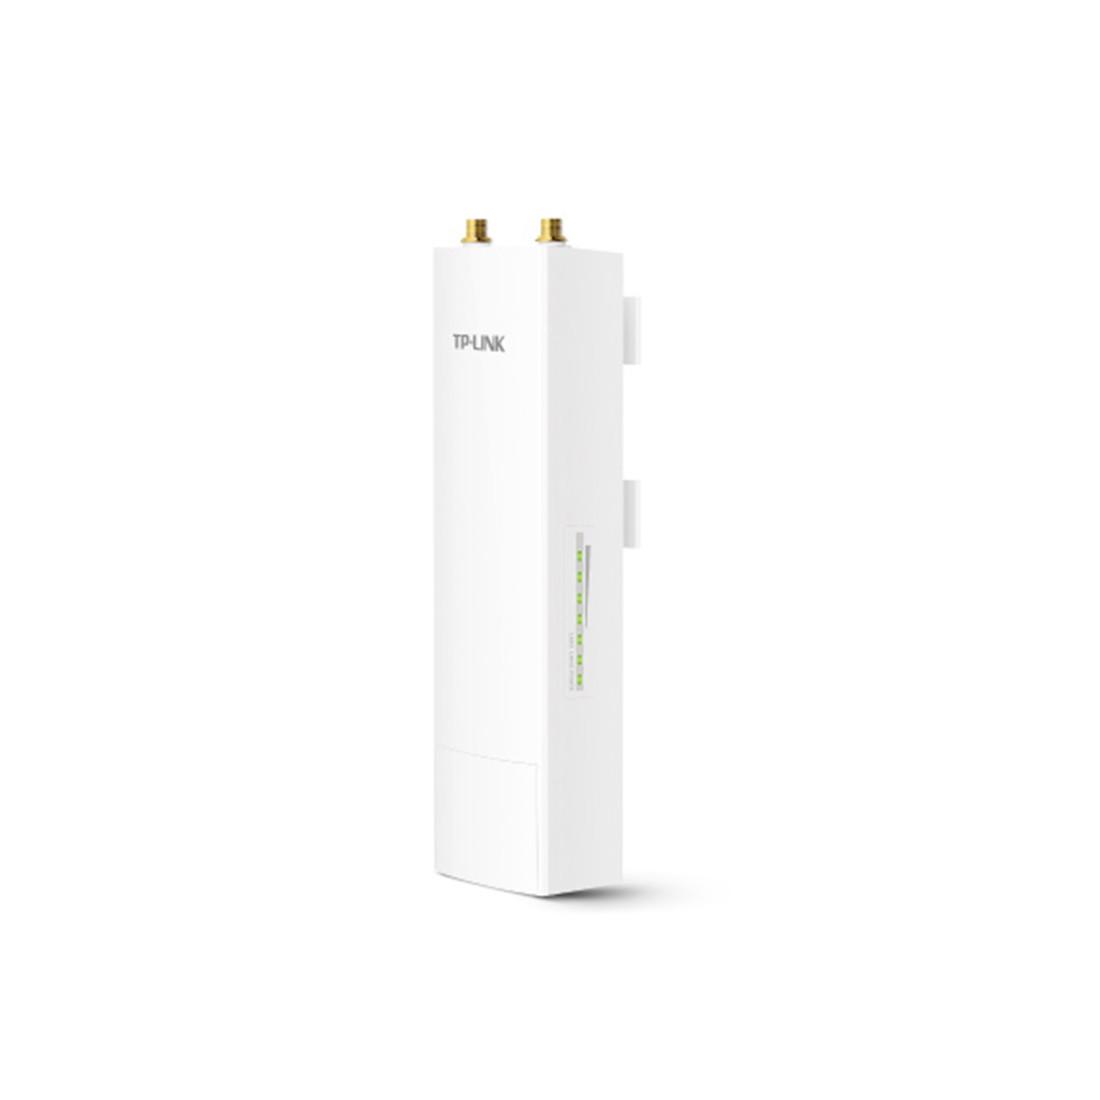 TP-Link WBS510 5 ГГц 300 Мбит/с Наружная беспроводная базовая станция